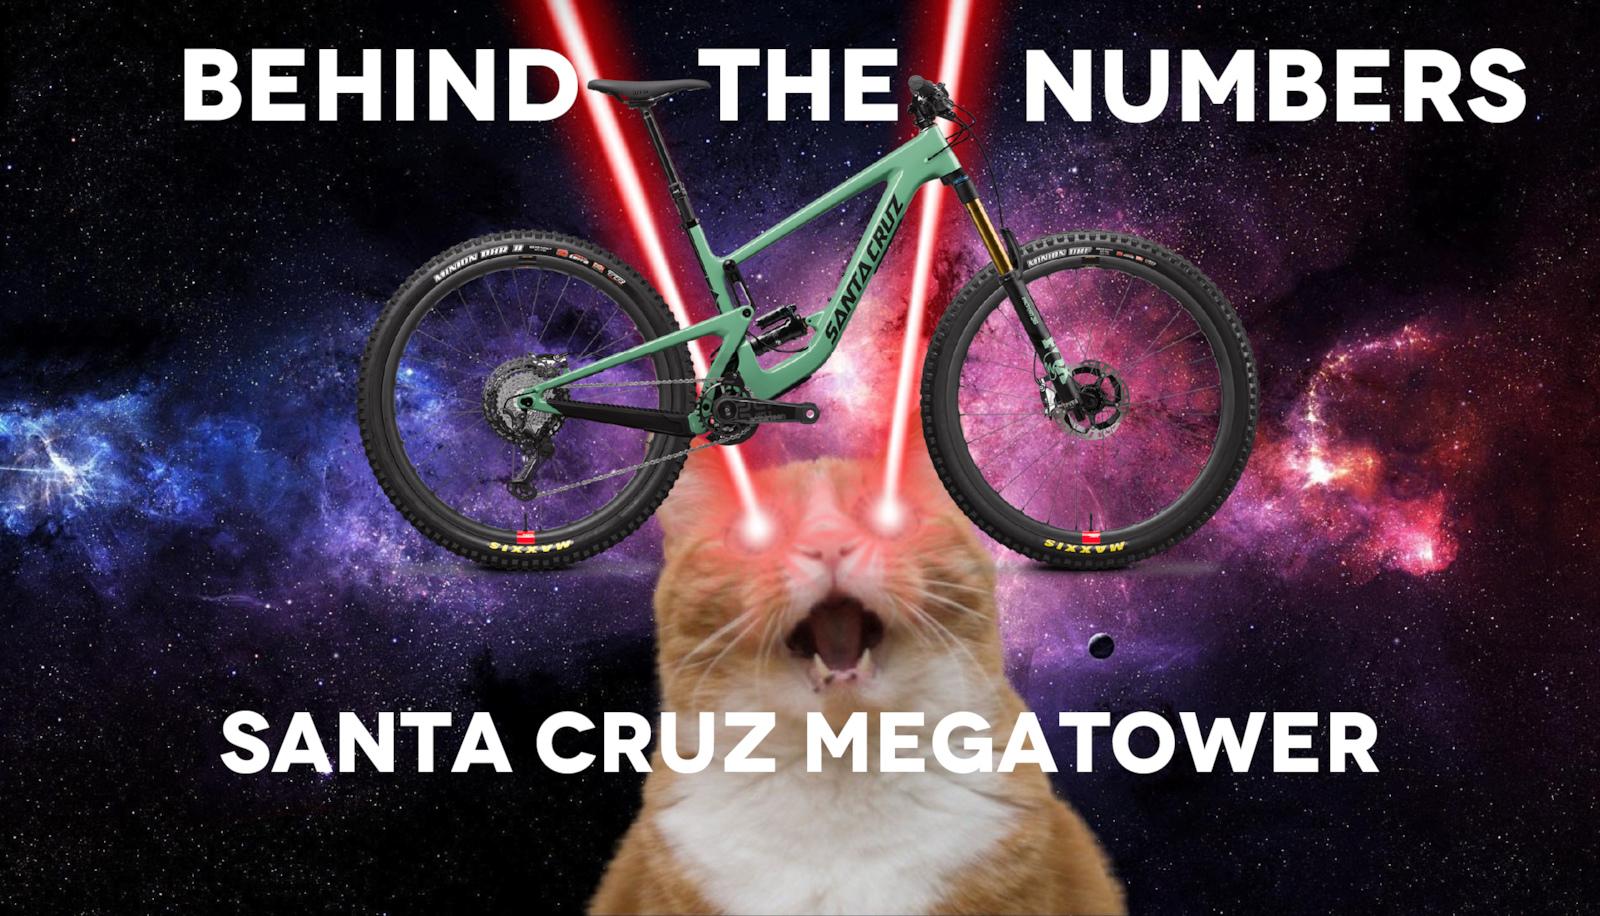 Behind the Numbers Santa Cruz Megatower Introduction